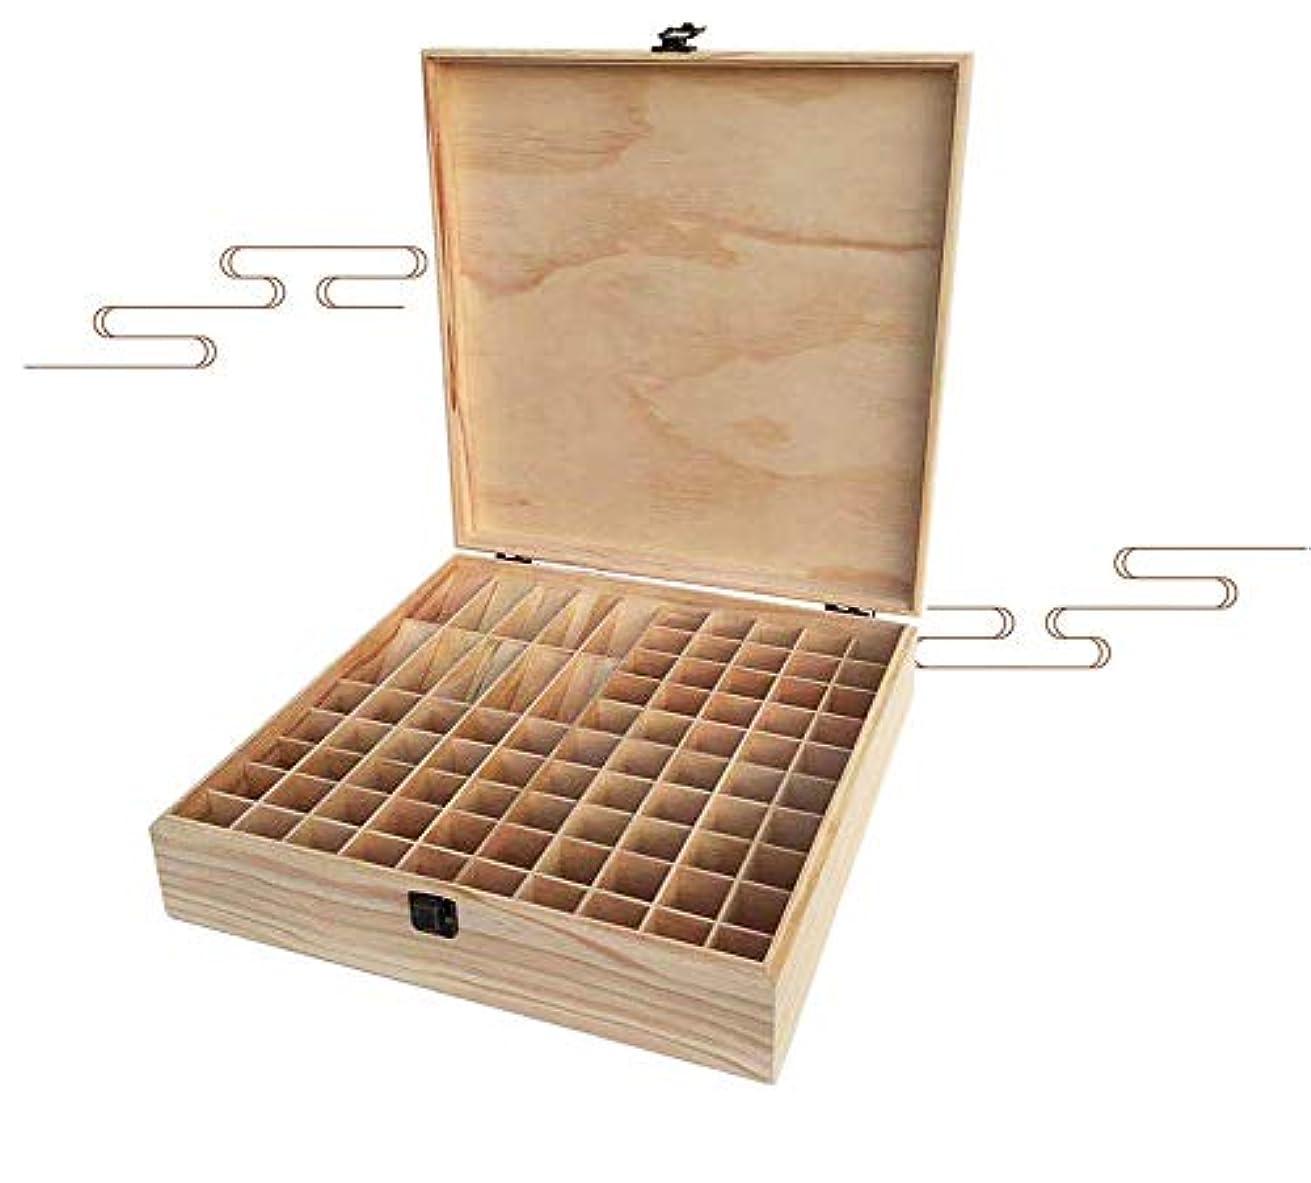 ペッカディロ調和非常にエッセンシャルオイル収納ボックス 85本用 木製エッセンシャルオイルボックス メイクポーチ 精油収納ケース 携帯用 自然ウッド精油収納ボックス 香水収納ケース